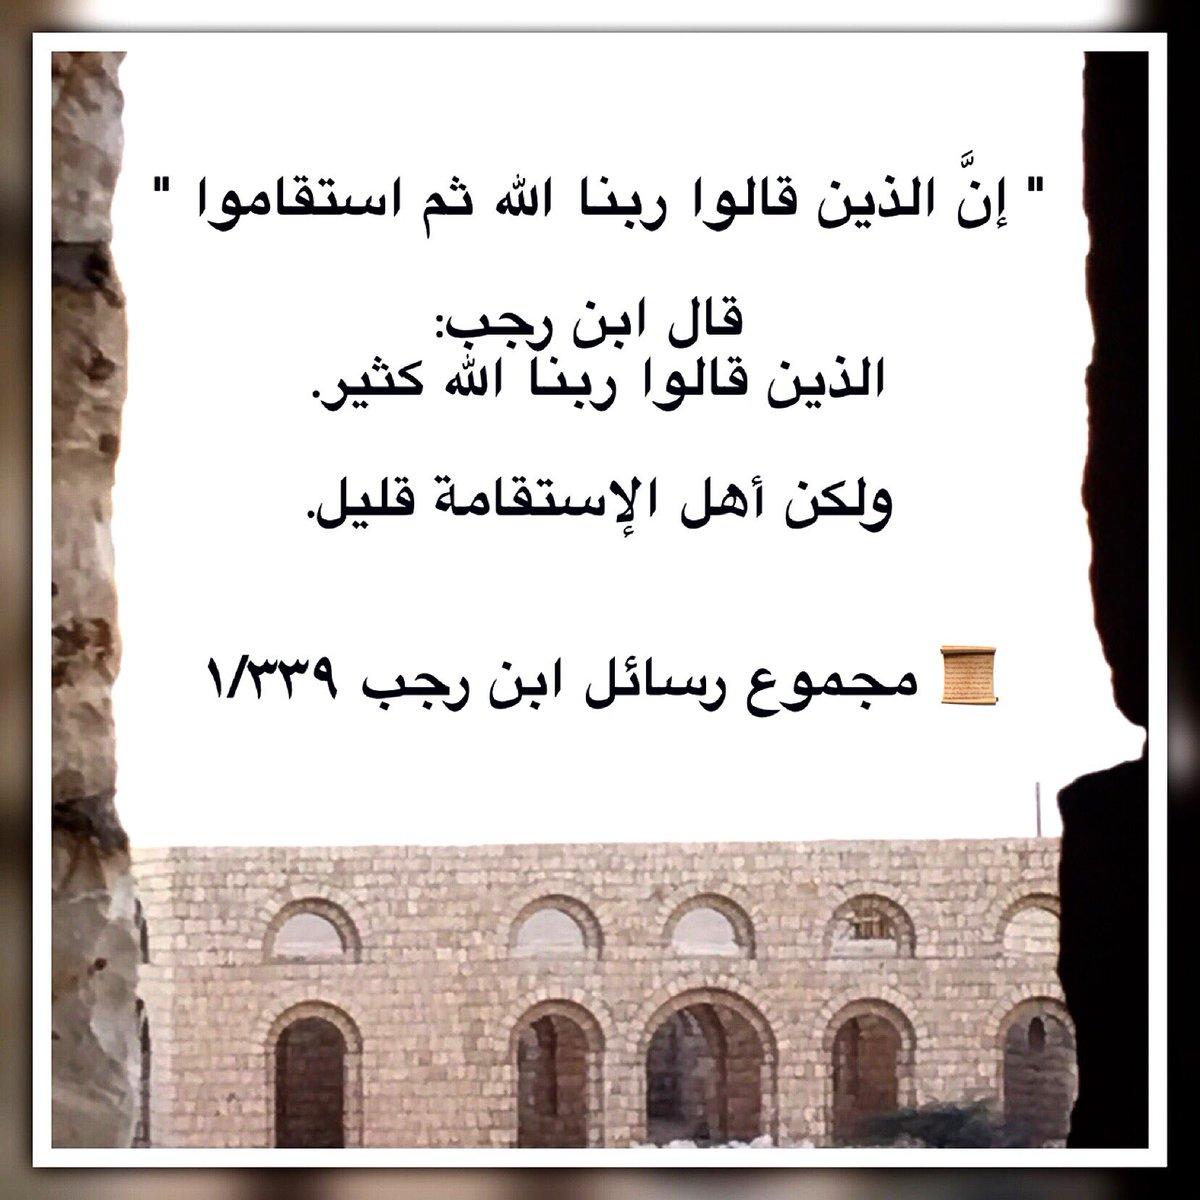 السلفية منهج حق On Twitter إن الذين قالوا ربنا الله ثم